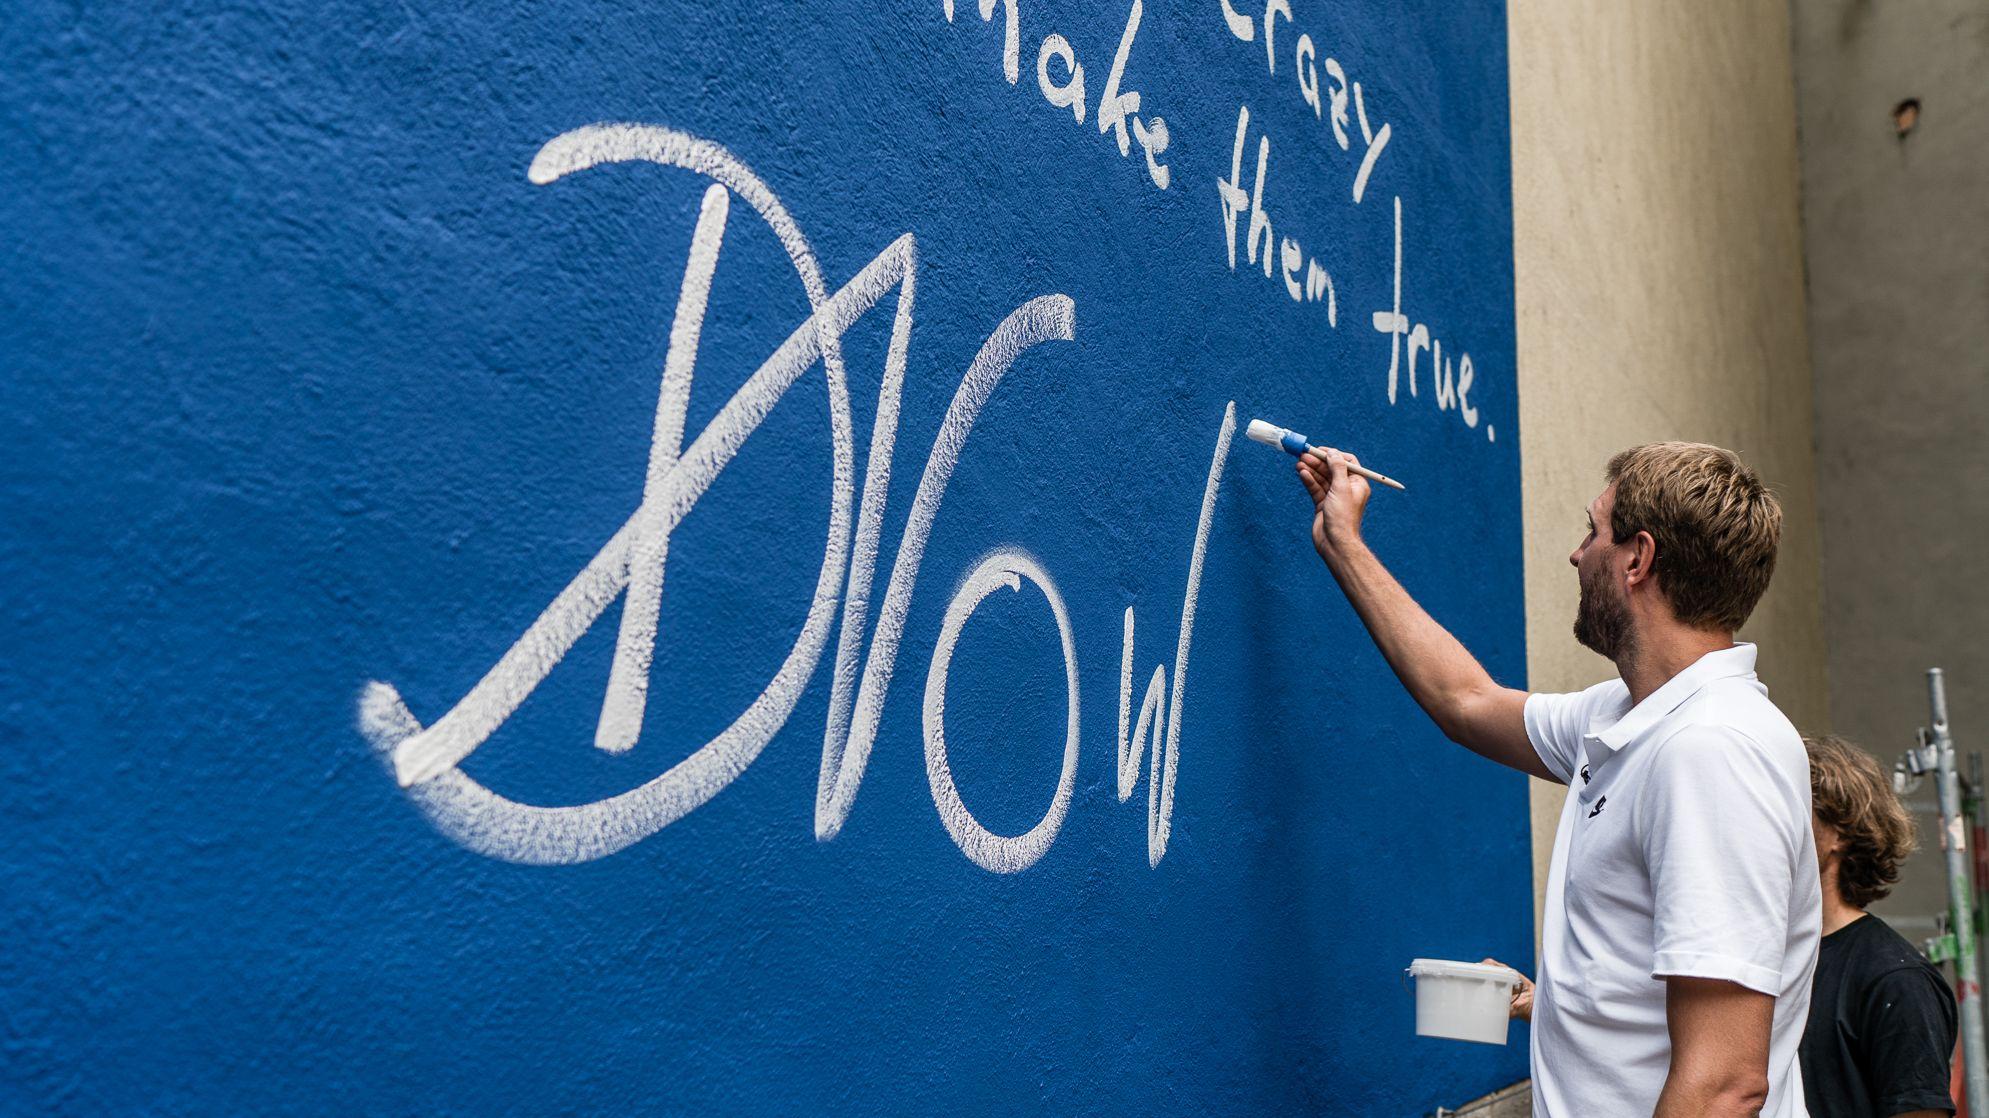 Dirk Nowitzki signiert sein Wandgemälde im Innenhof seiner alten Schule am Sanderring.